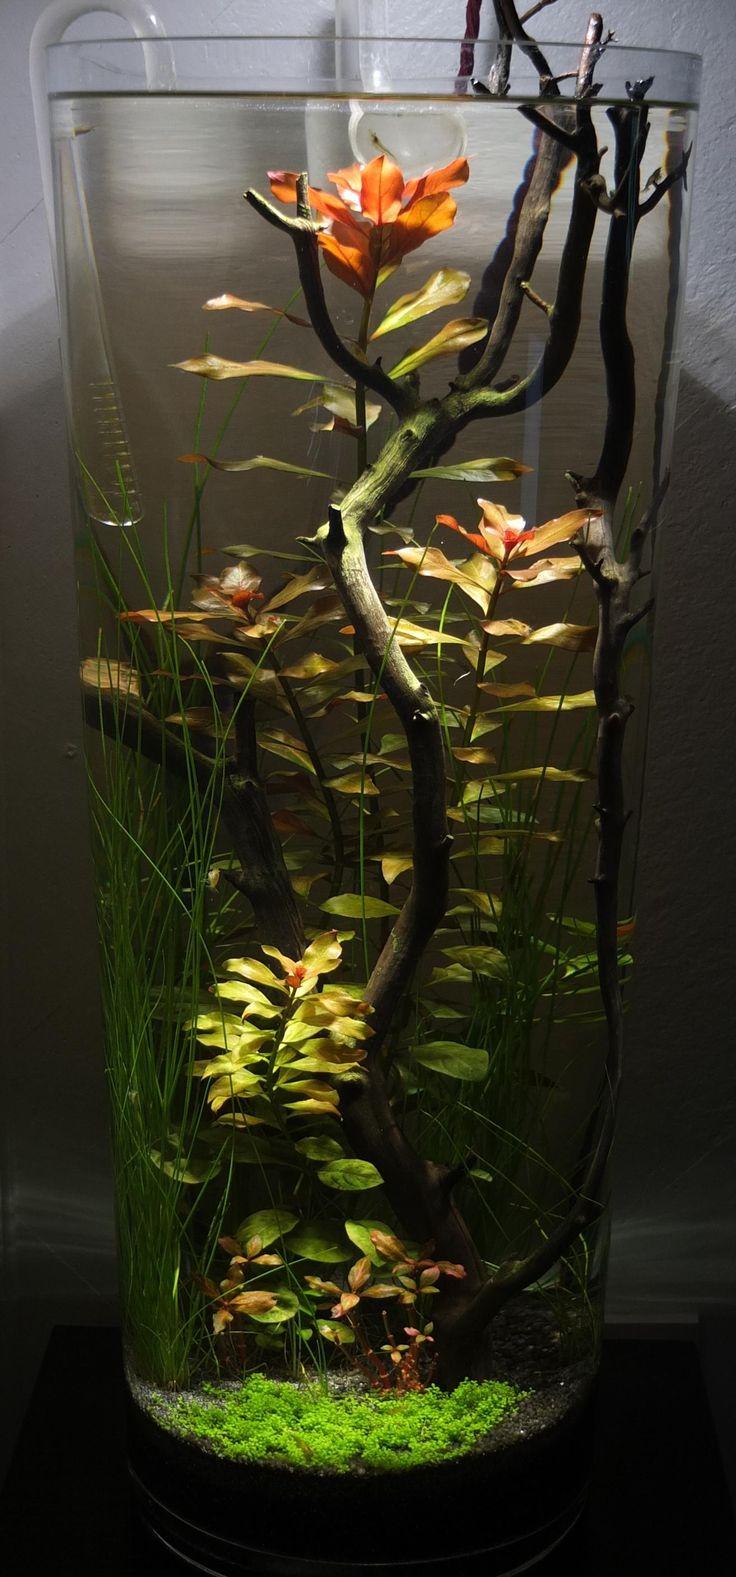 My Vase tank a few months in - Imgur